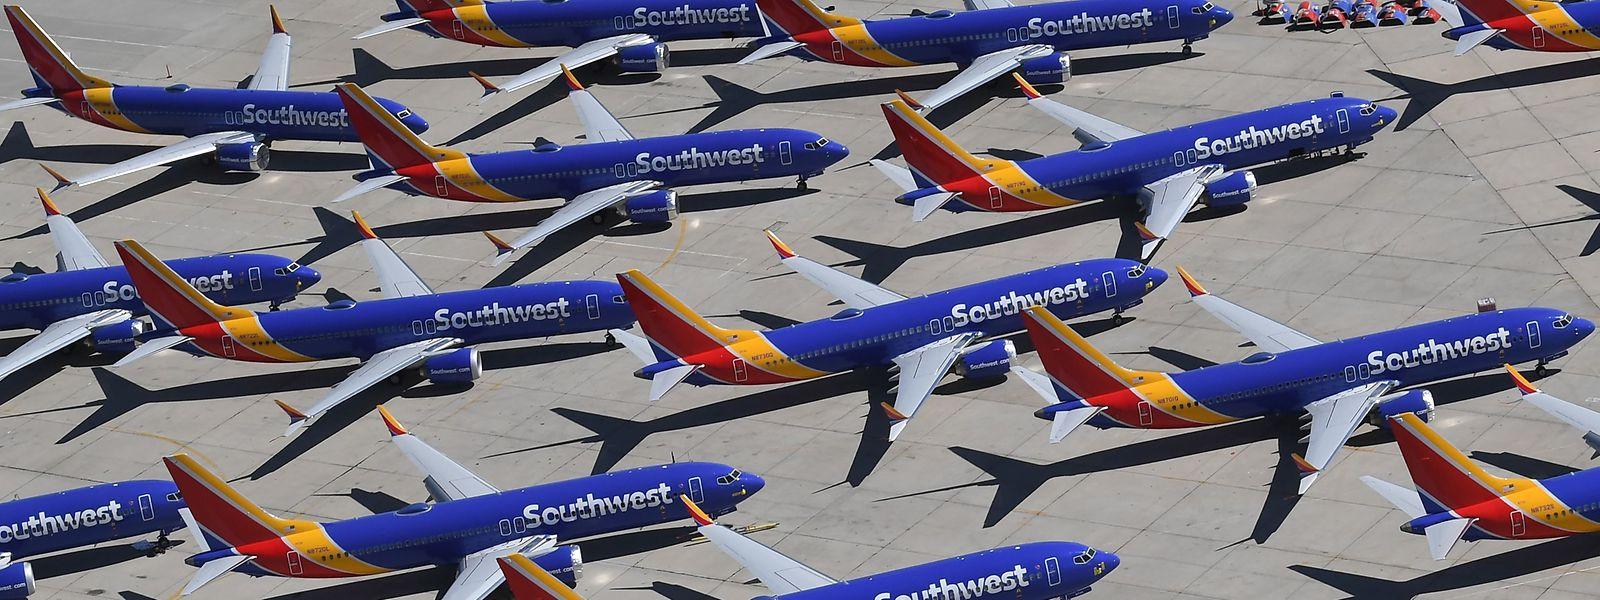 Tous les Boeing 737 MAX sont cloués au sol depuis plus de six mois